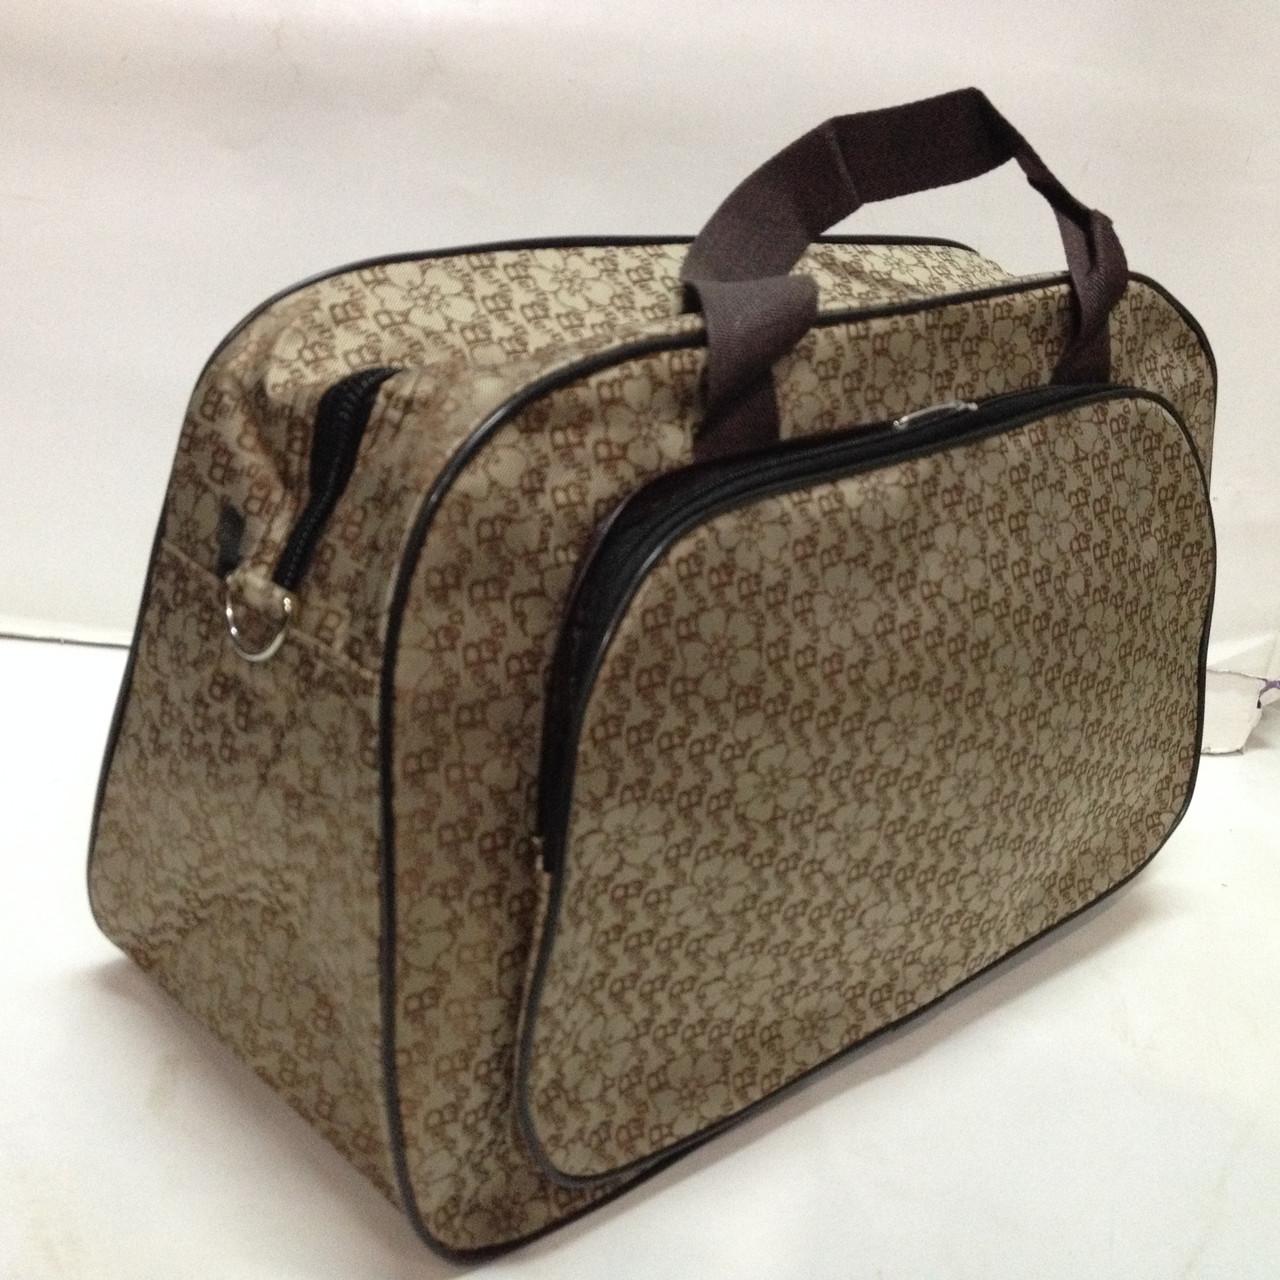 Дорожные сумки и чемоданы оптом и цени рюкзаки г алматы